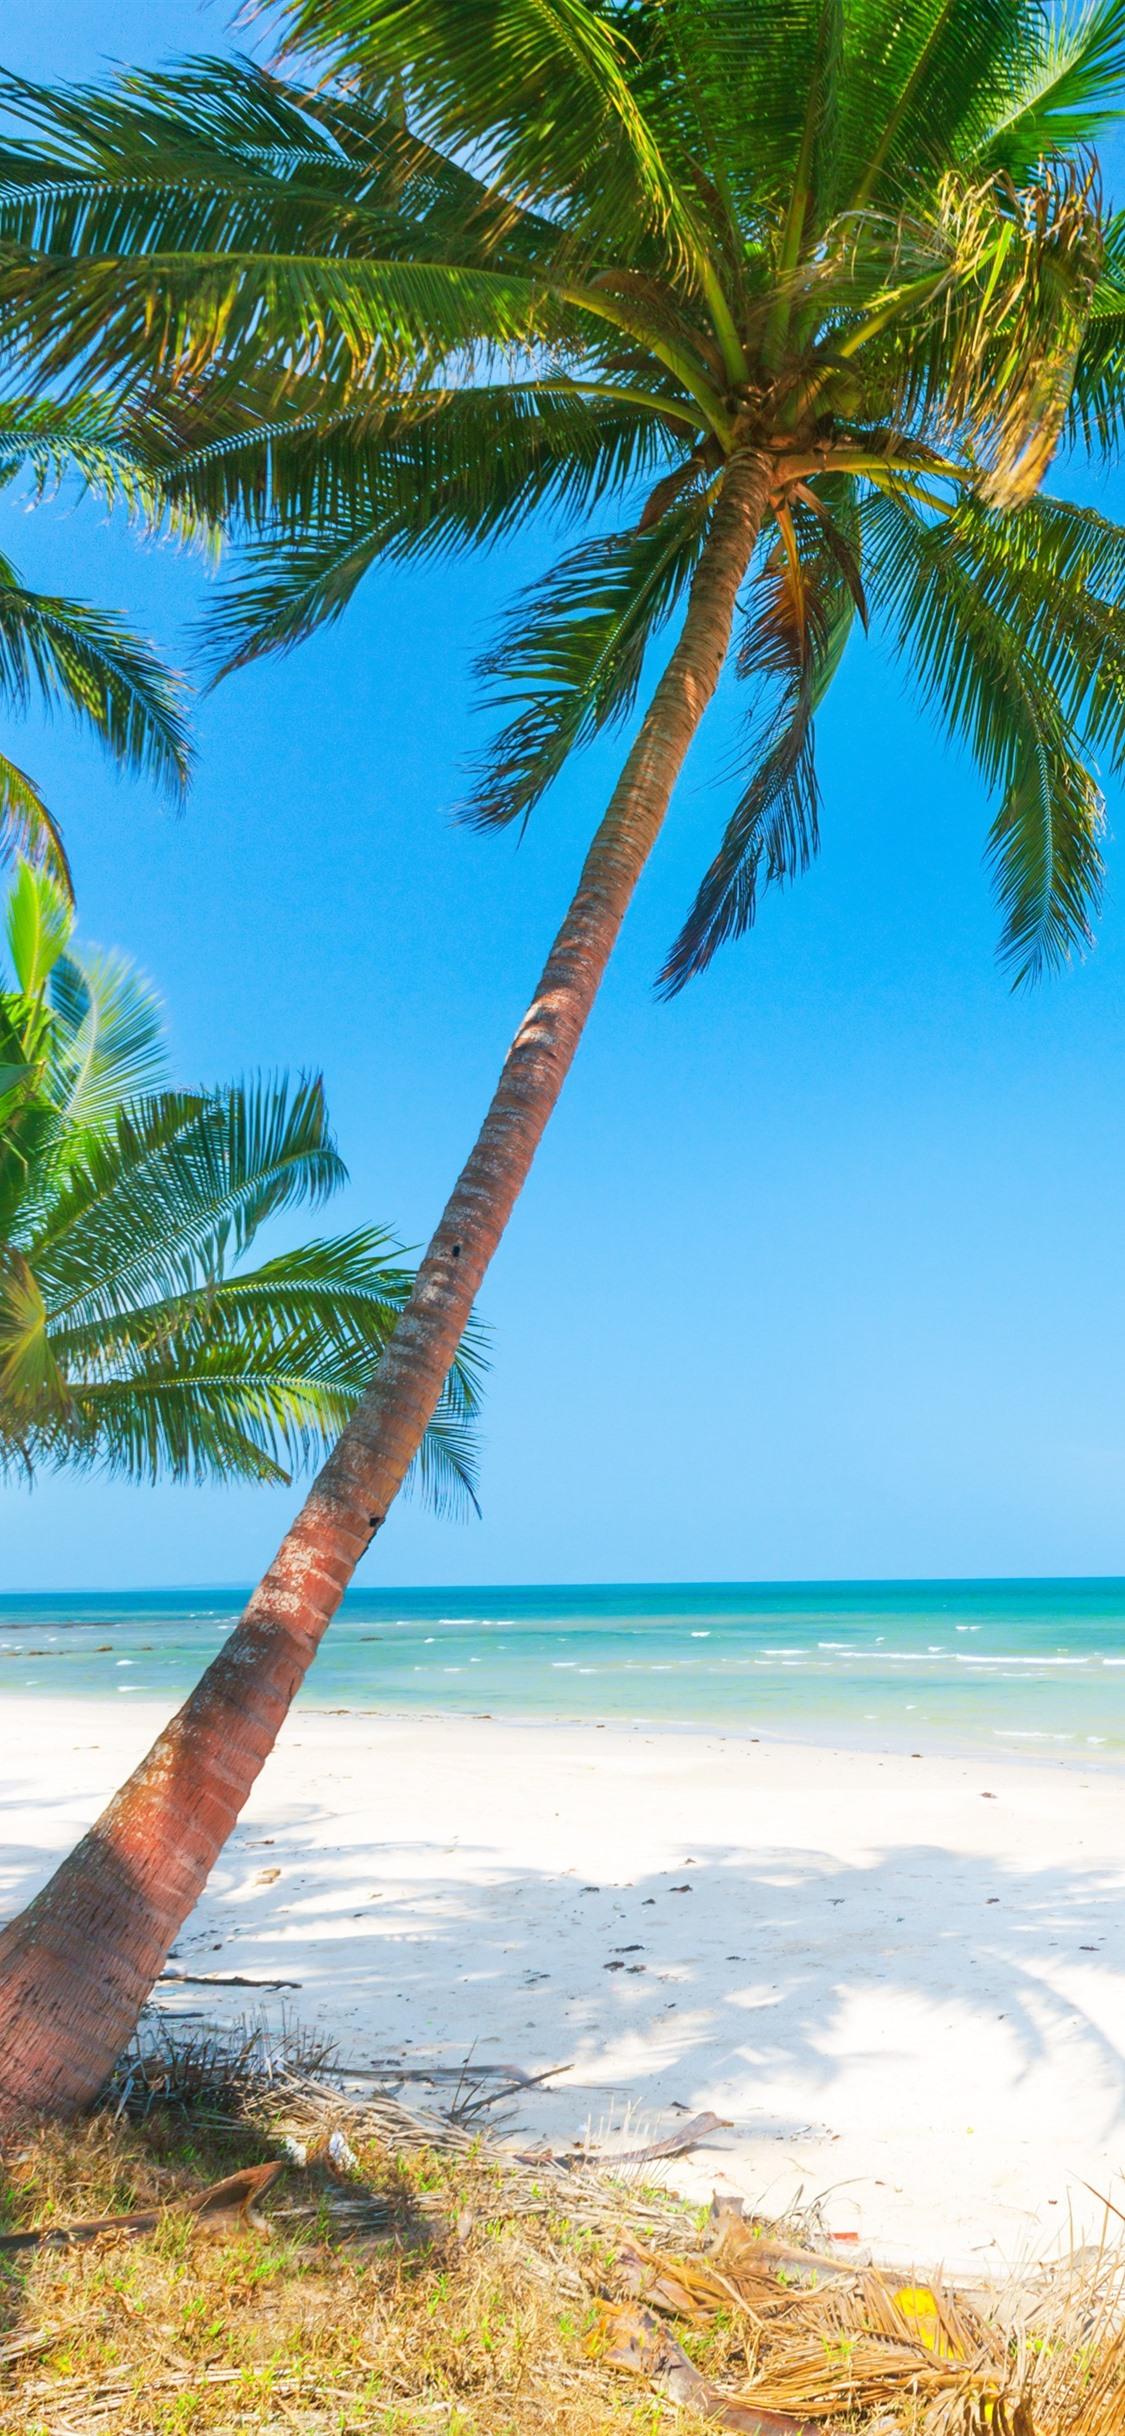 夏 ビーチ ヤシの木 海 1125x2436 Iphone 11 Pro Xs X 壁紙 背景 画像